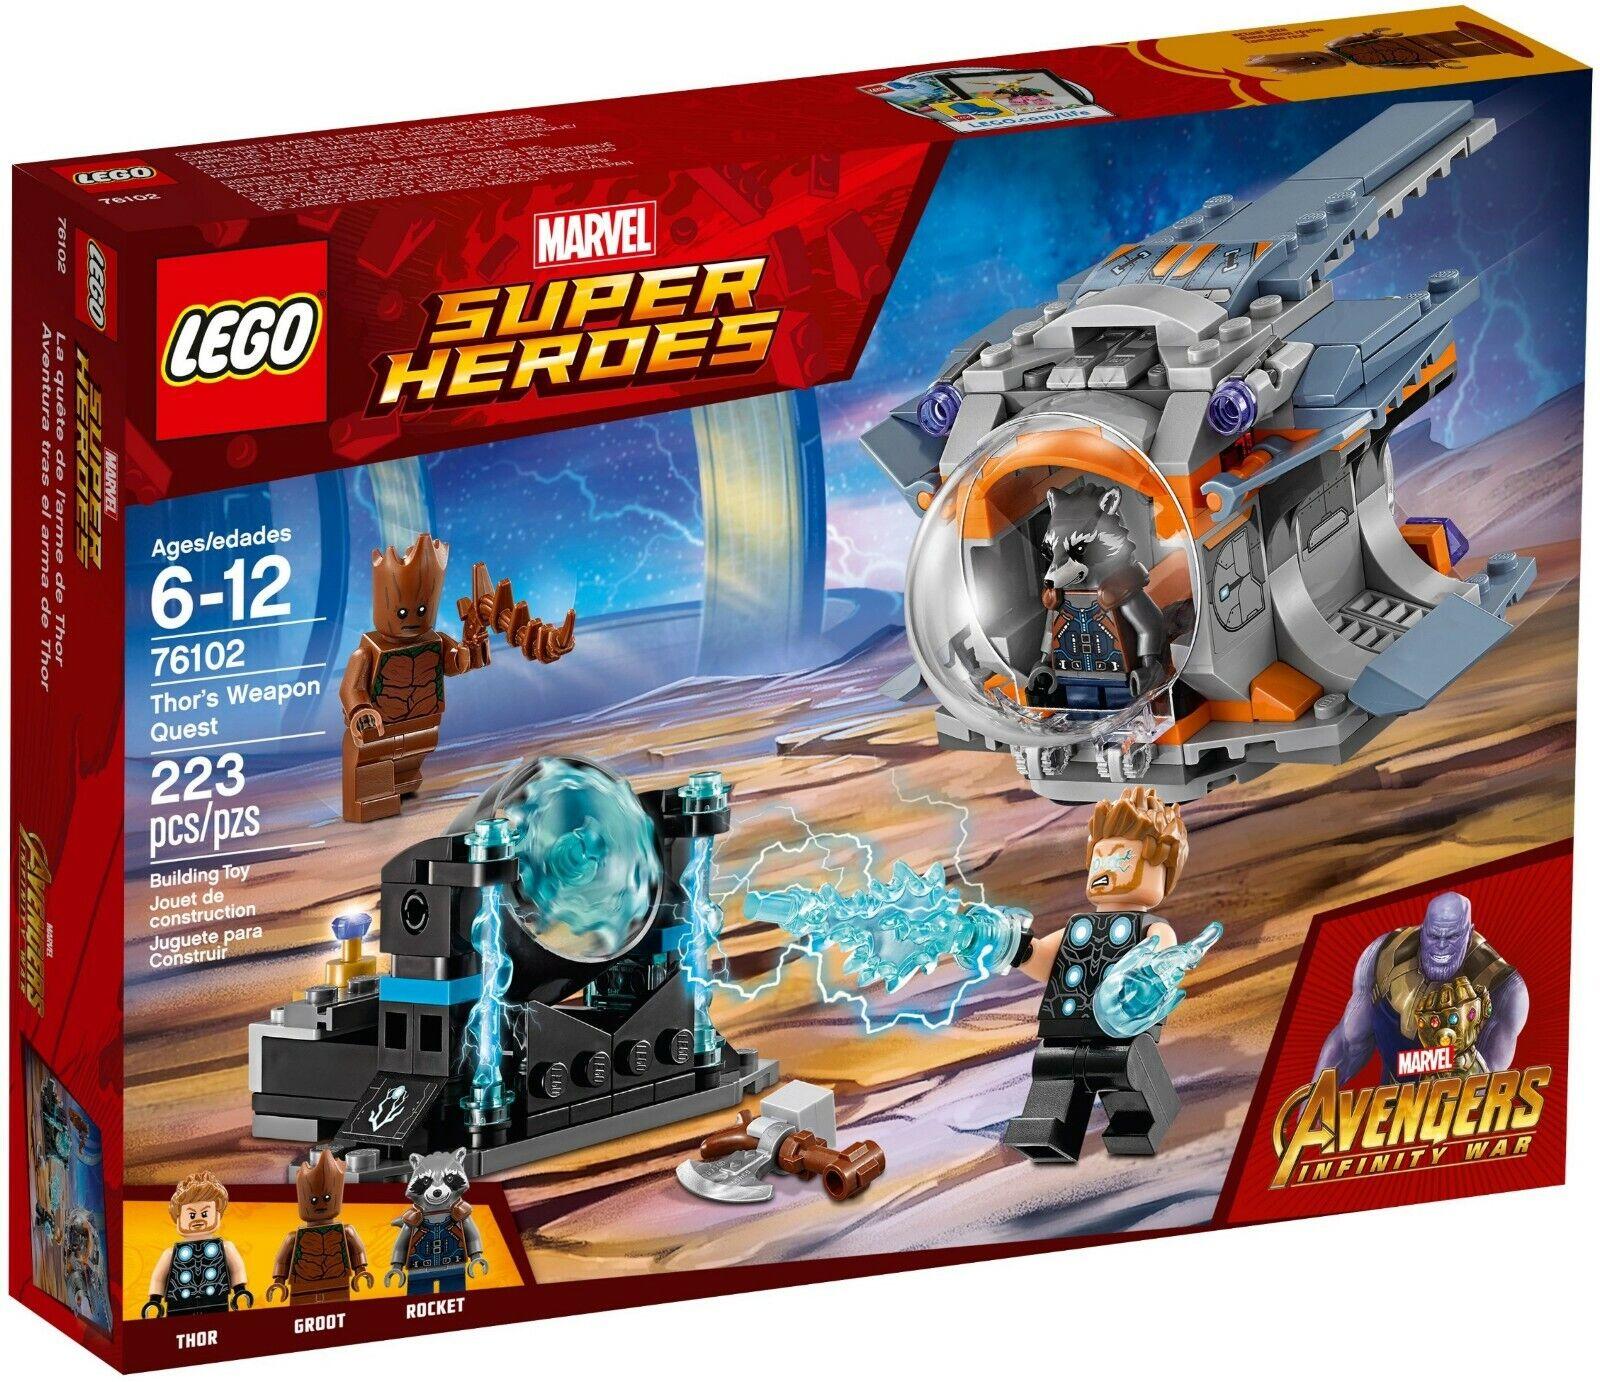 Lego Groot sh501 New Marvel Super Heroes 76102 set 76102 Mint Avenger